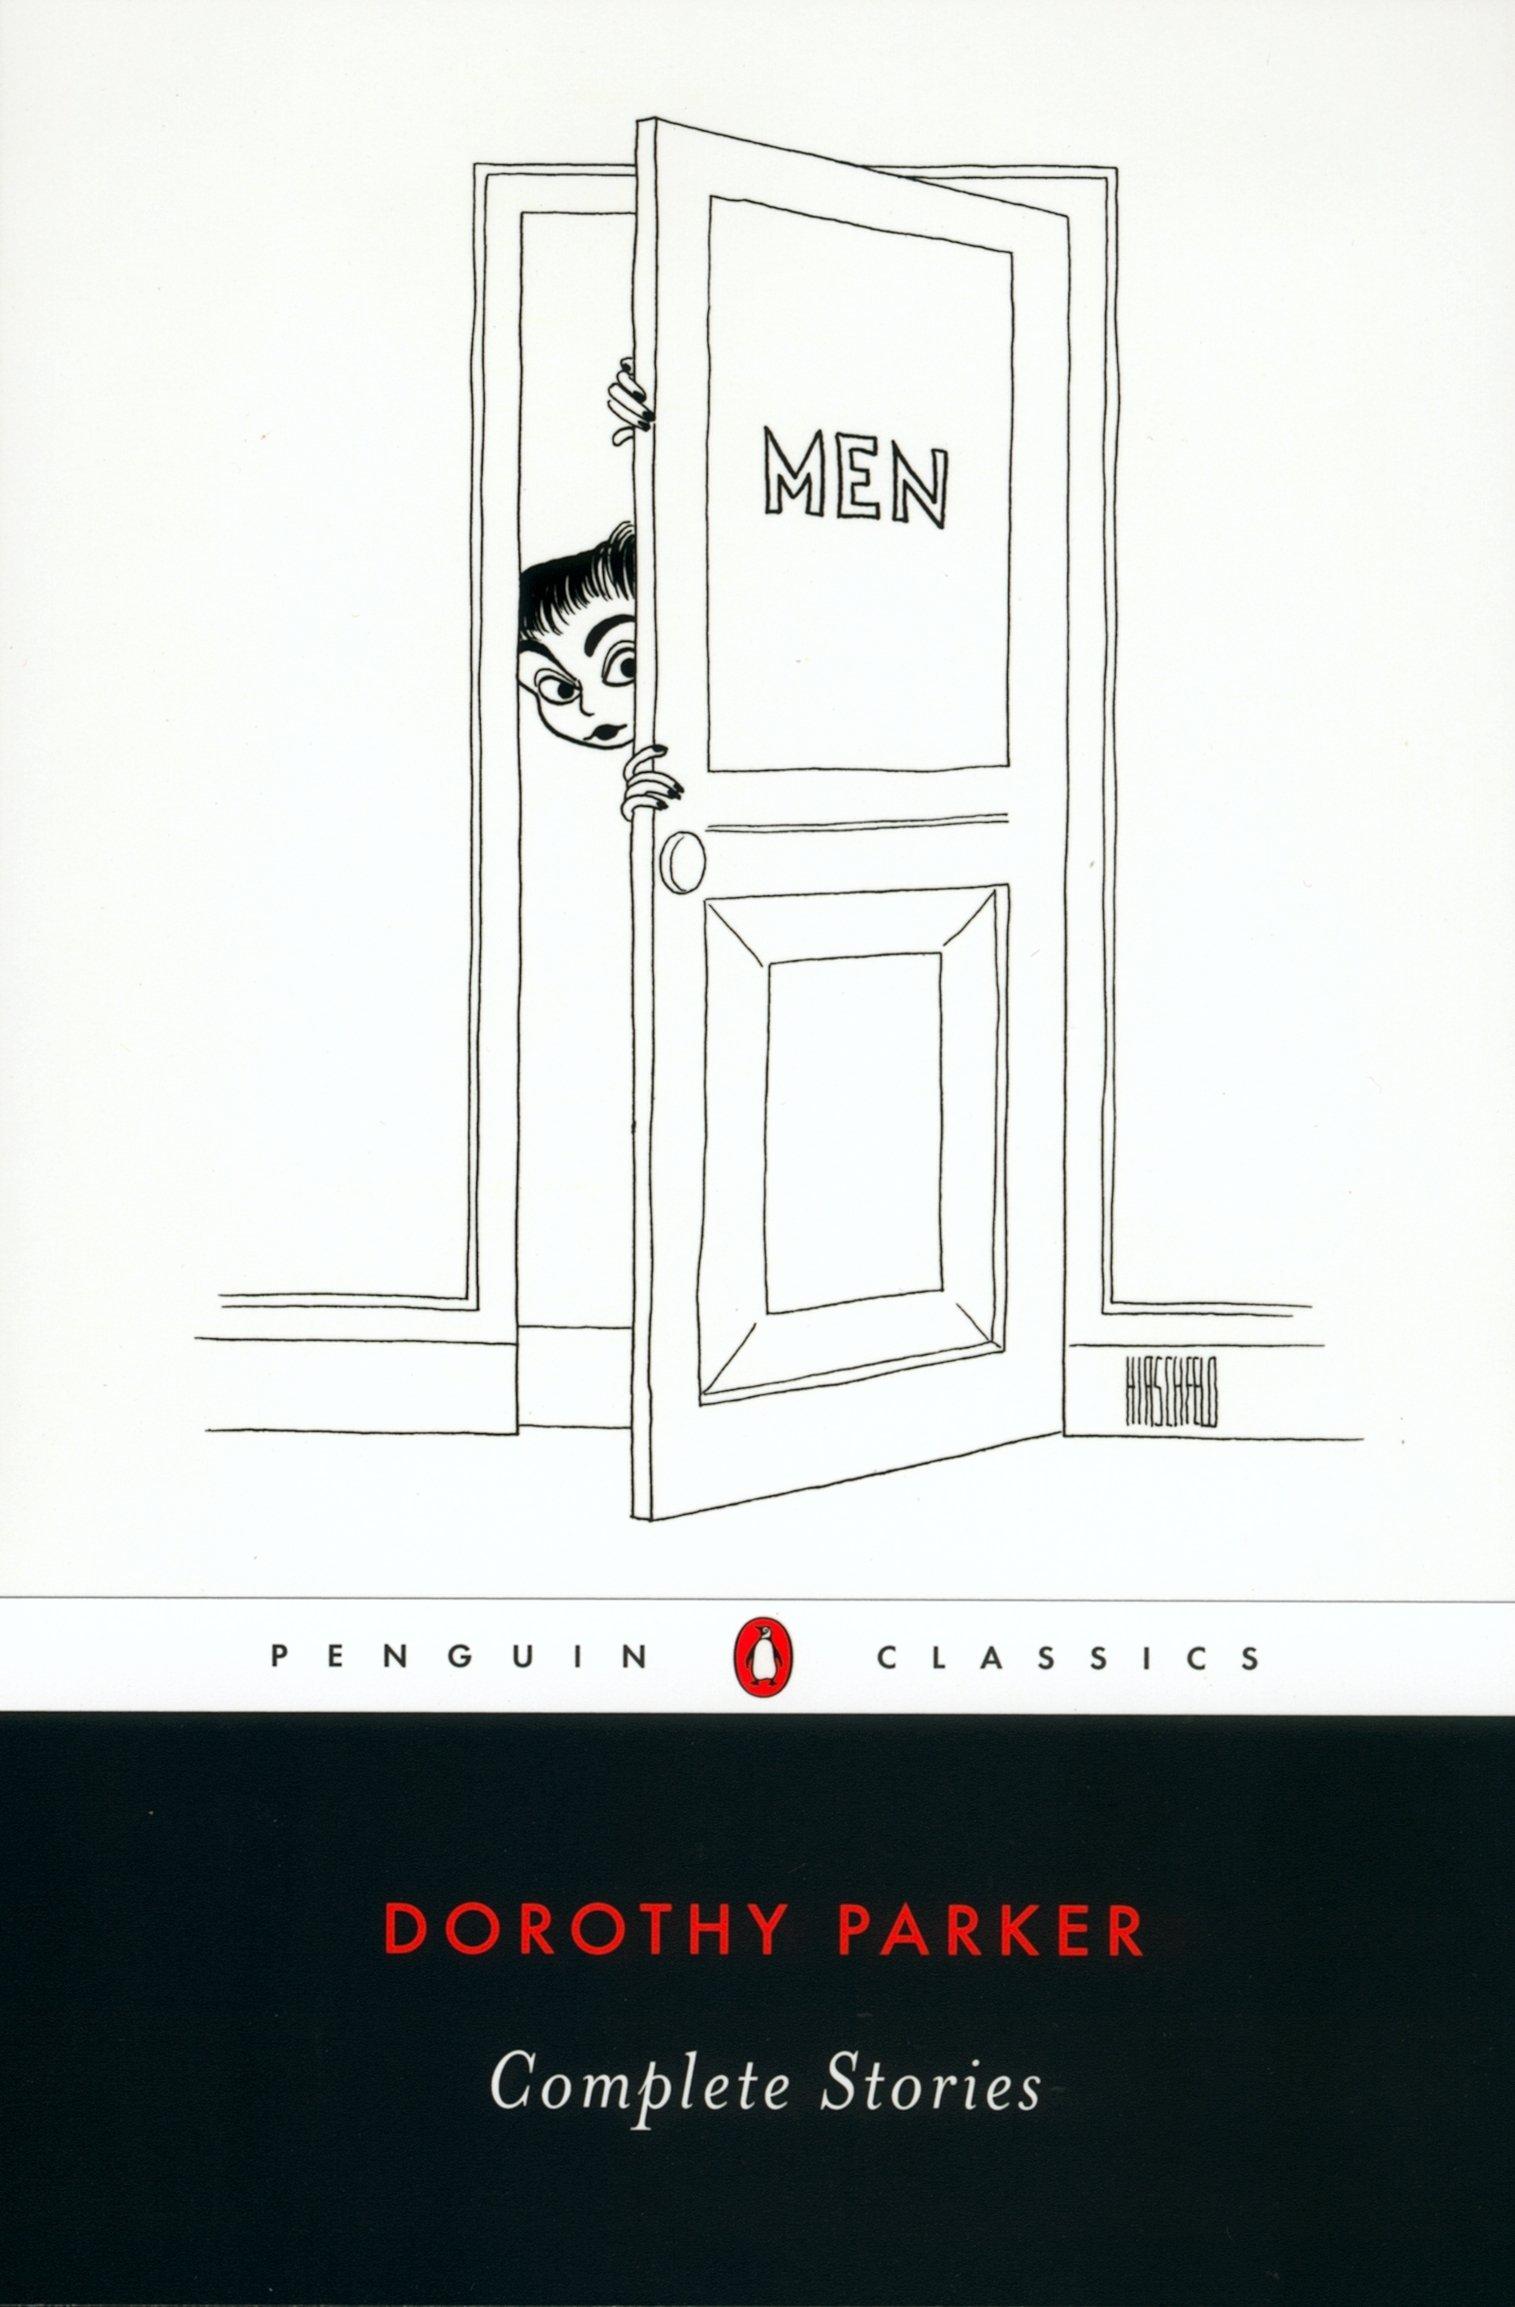 Image result for dorothy parker complete stories book